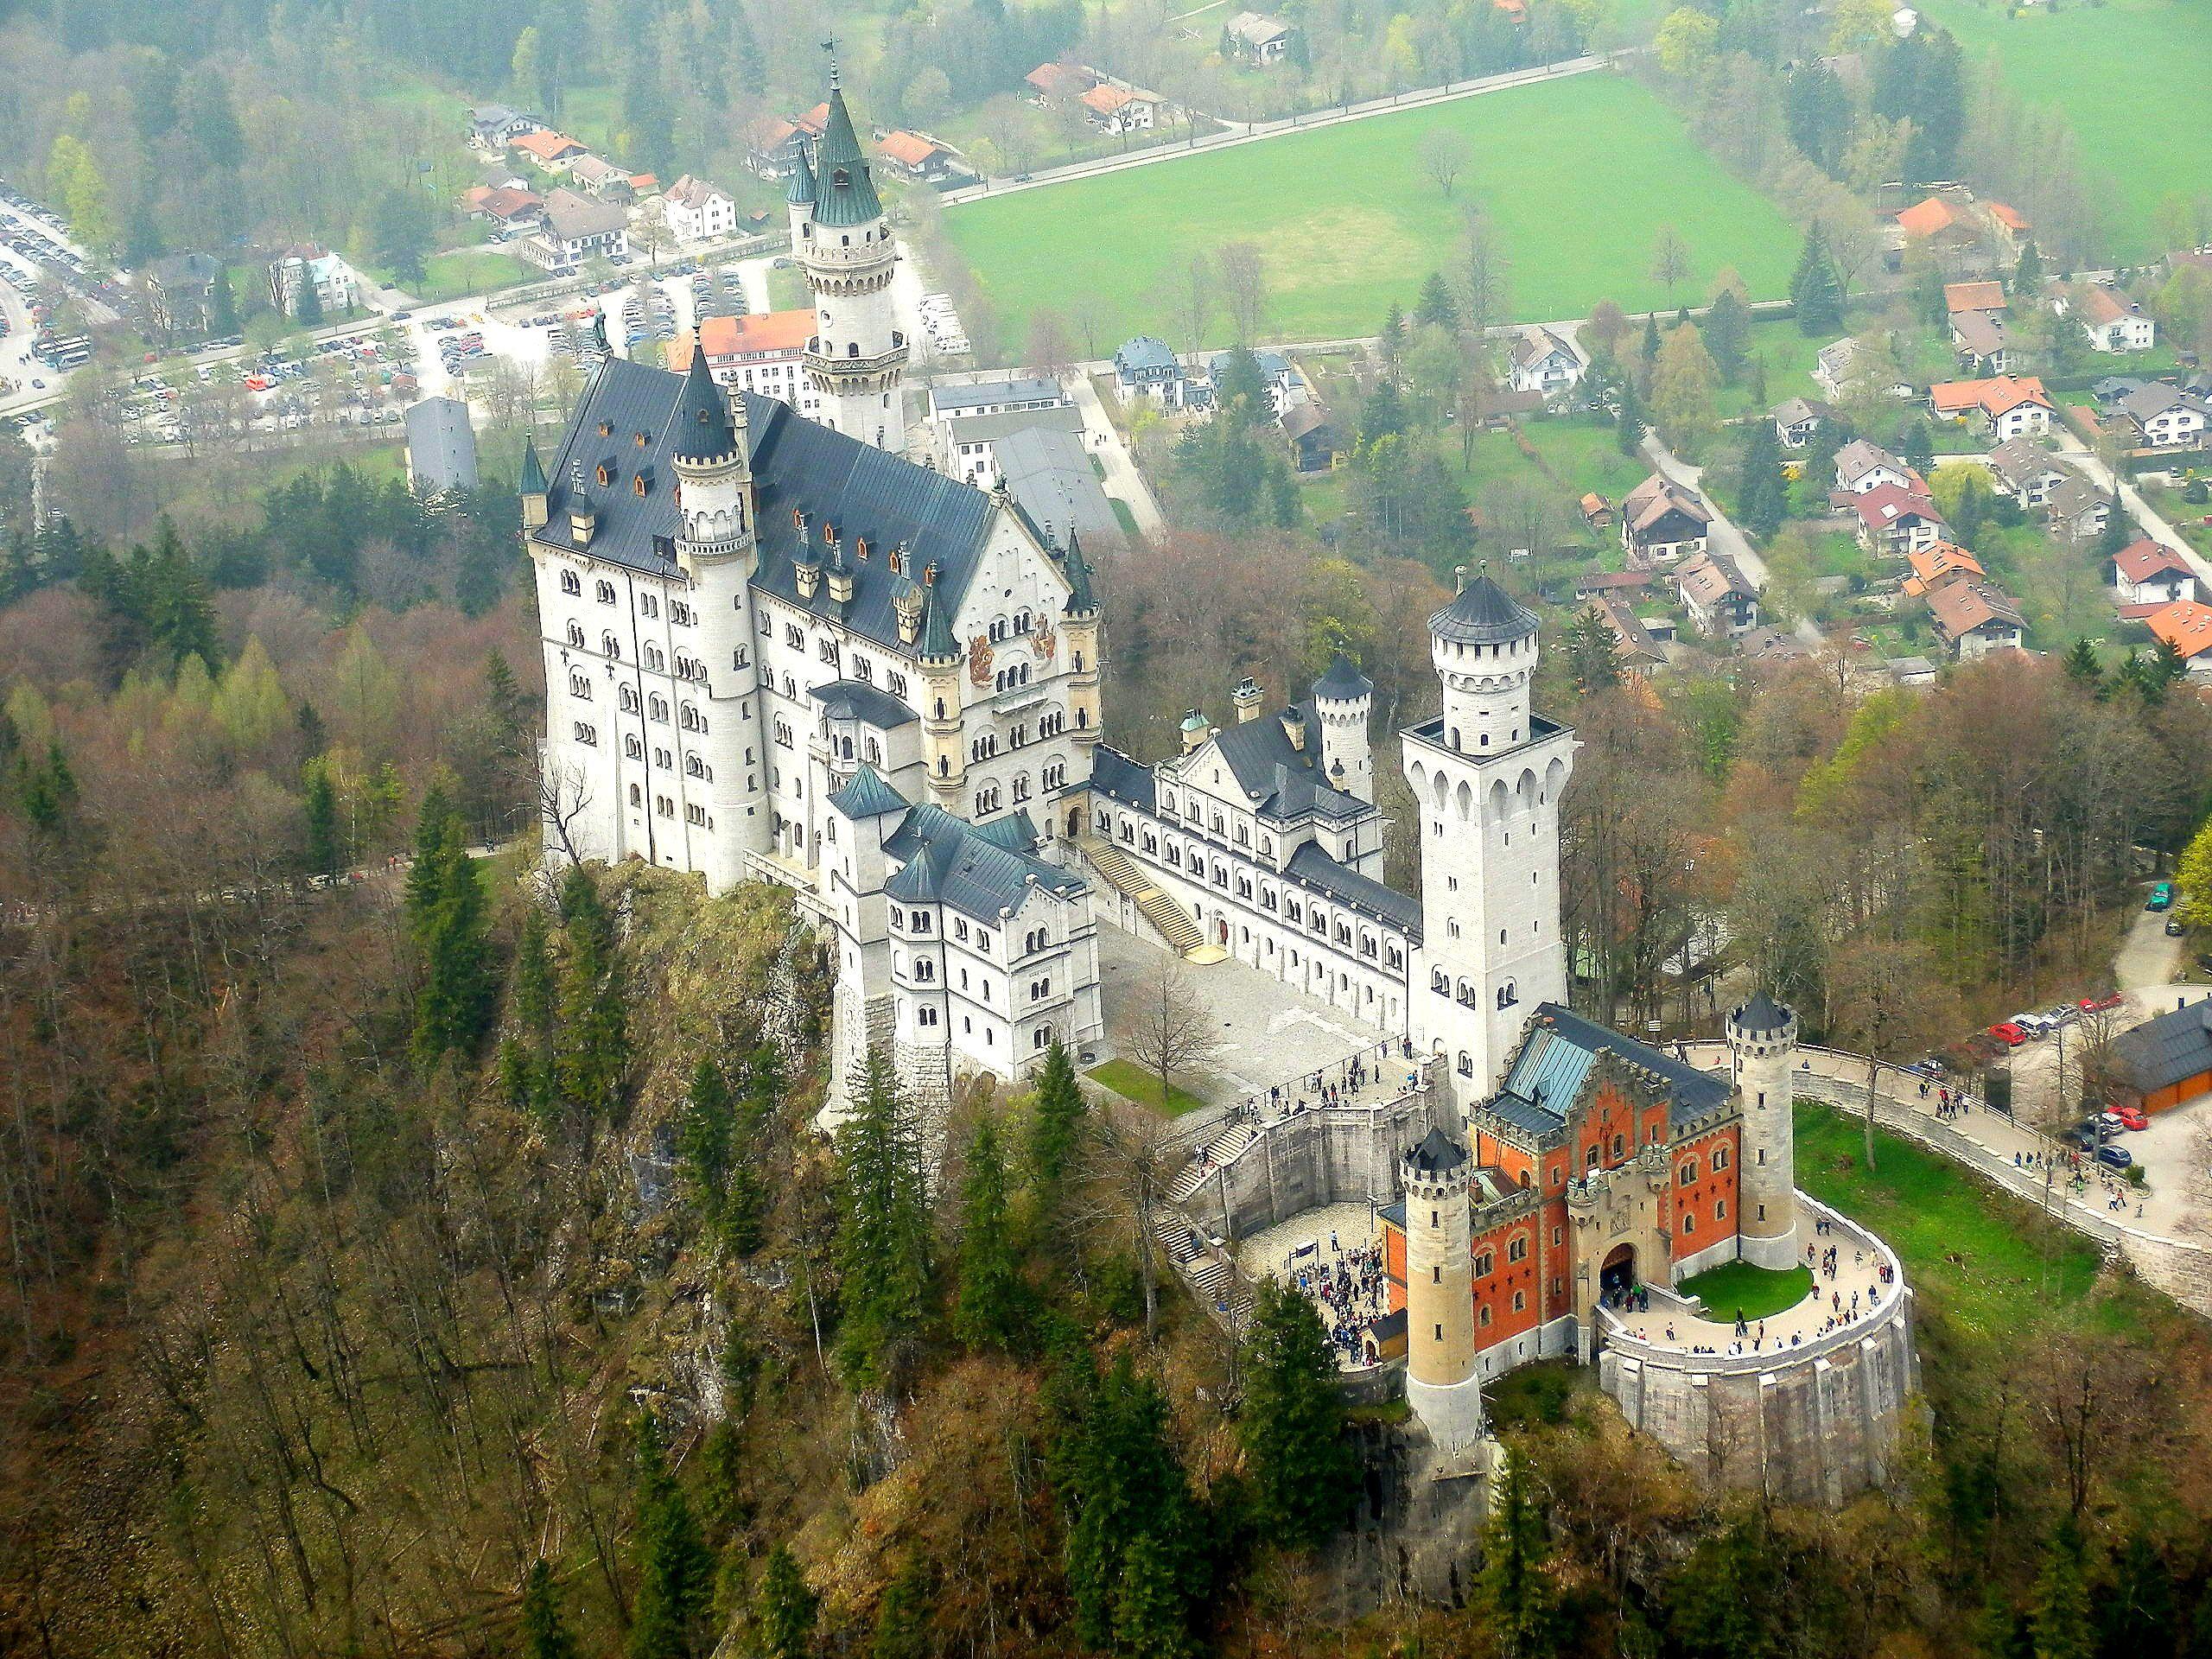 Zamek Neuschwanstein Bawaria Wycieczka Do Bawarii Zamek Neuschwanstein Zamki Ludwika Bawarskiego Zamek Disney A